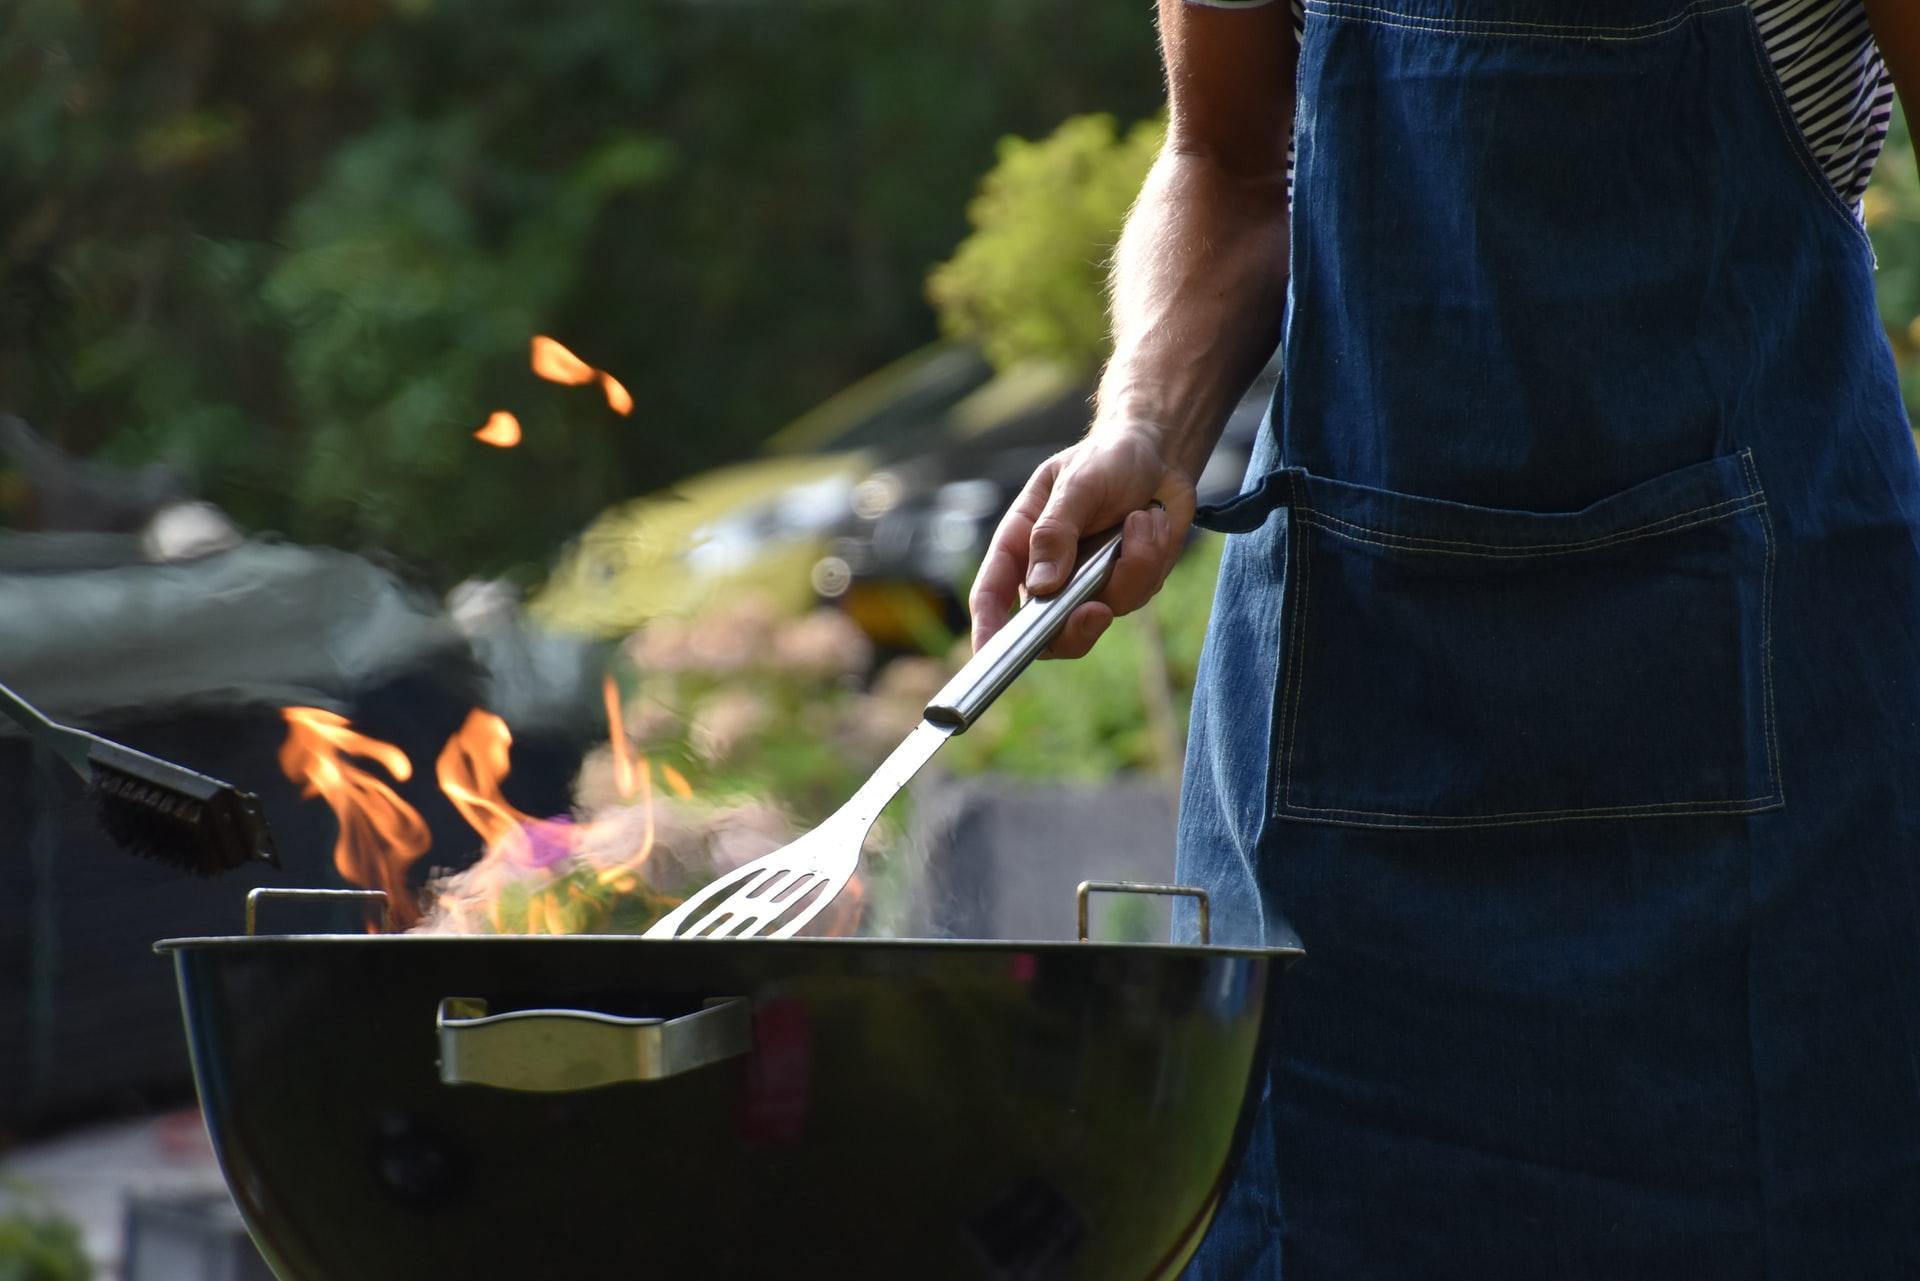 Rozpalanie grilla węglowego